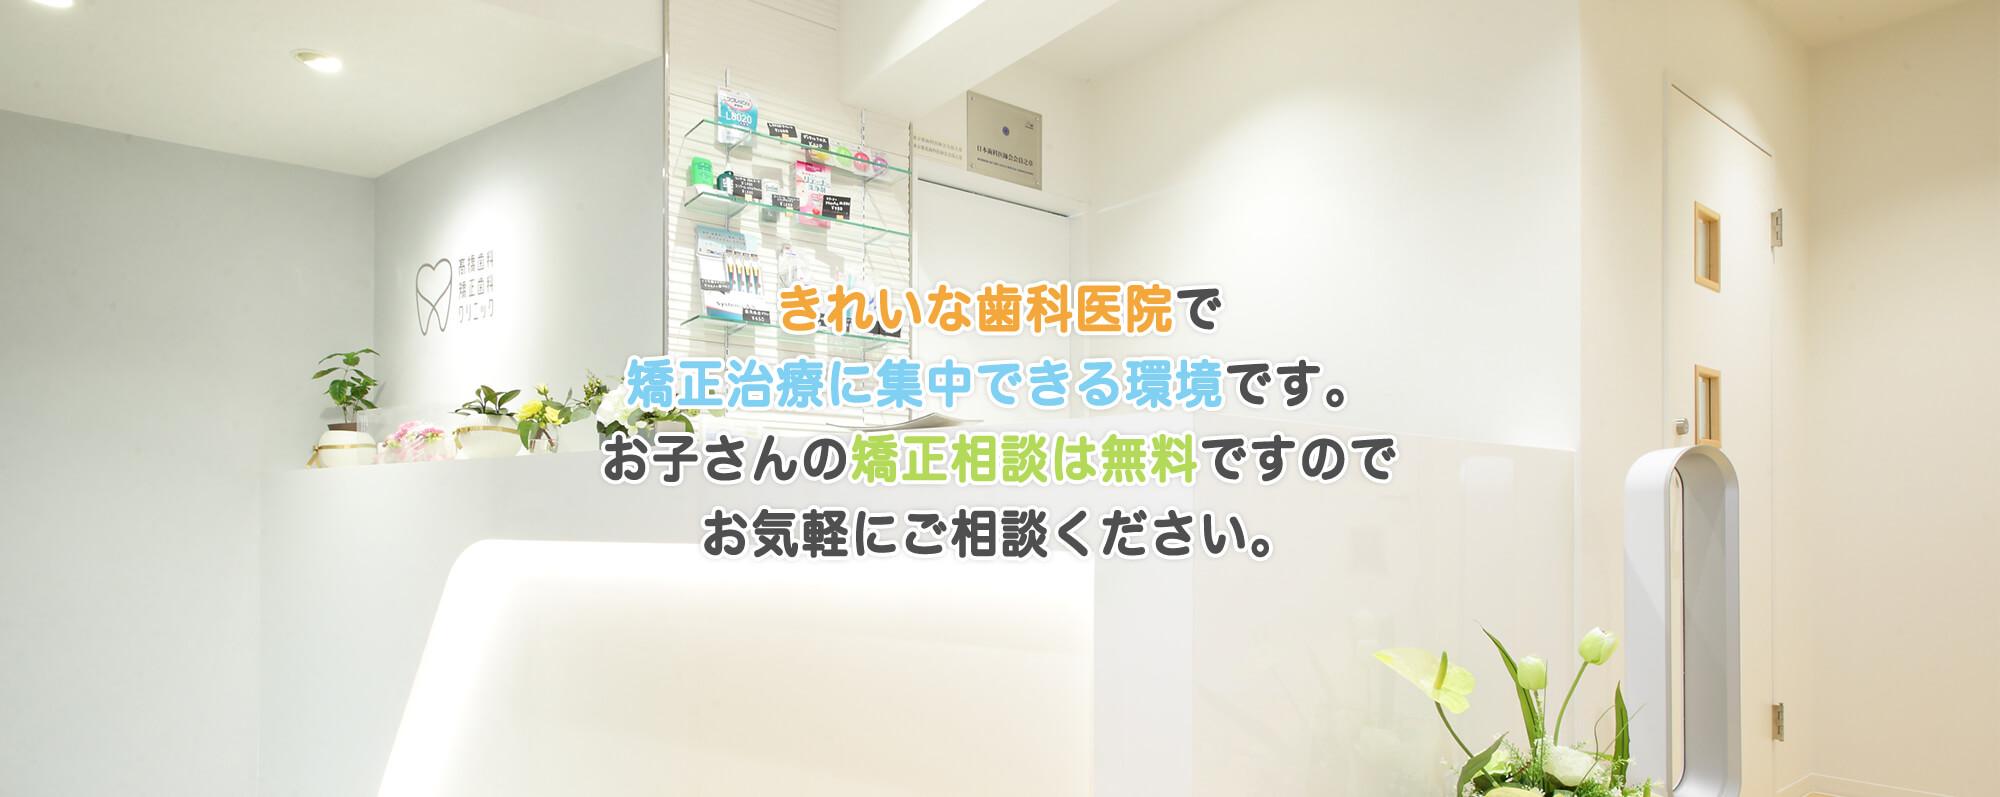 きれいな歯科医院で矯正治療に集中できる環境です。お子さんの矯正相談は無料ですのでお気軽にご相談ください。